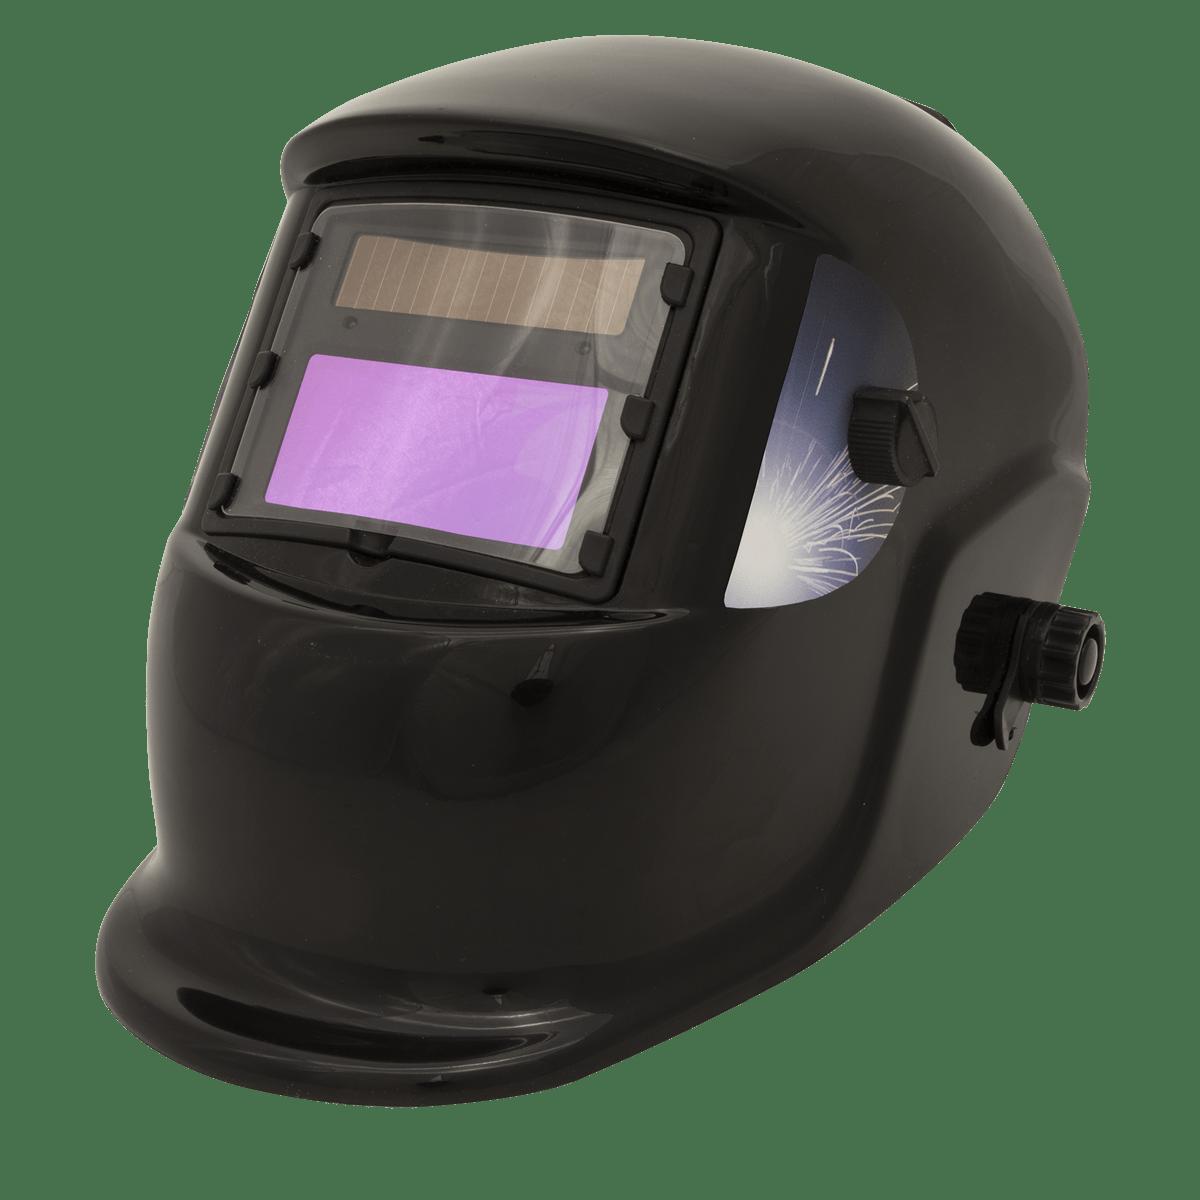 Sealey Welding Helmet Auto Darkening - Shade 9-13 S01001   Welding helmet with infinitely adjustable shade control between 9-13.   toolforce.ie